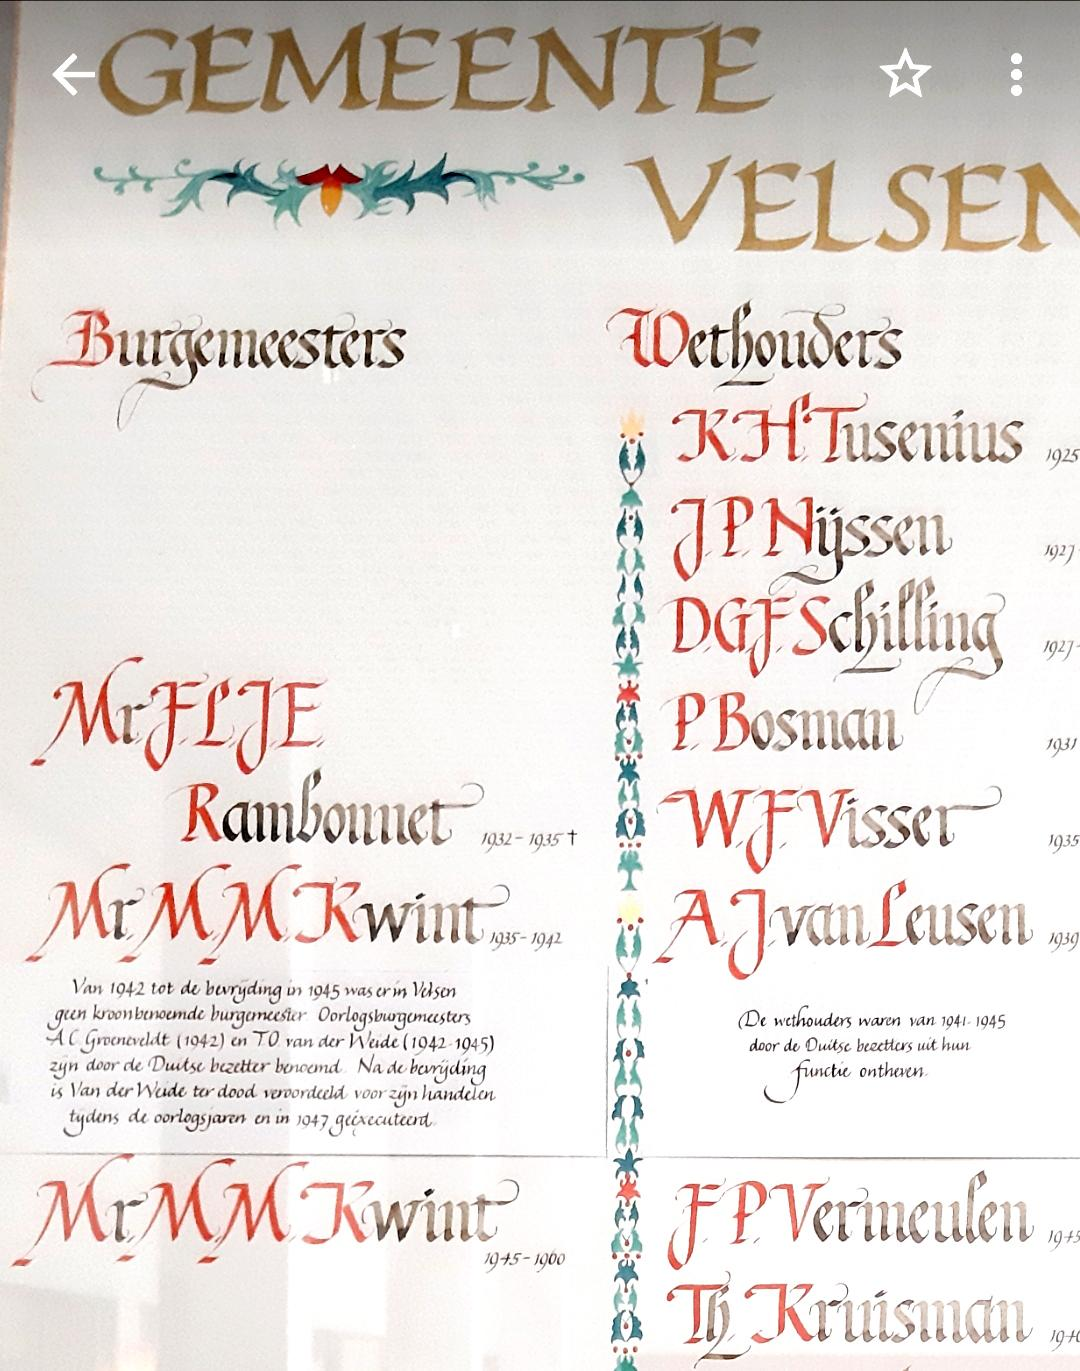 Omstreden herinneringsplakkaat met naam fanatieke Velsense NSB-burgemeester Tjeerd van der Weide hangt weer op z'n plek, met herziene tekst